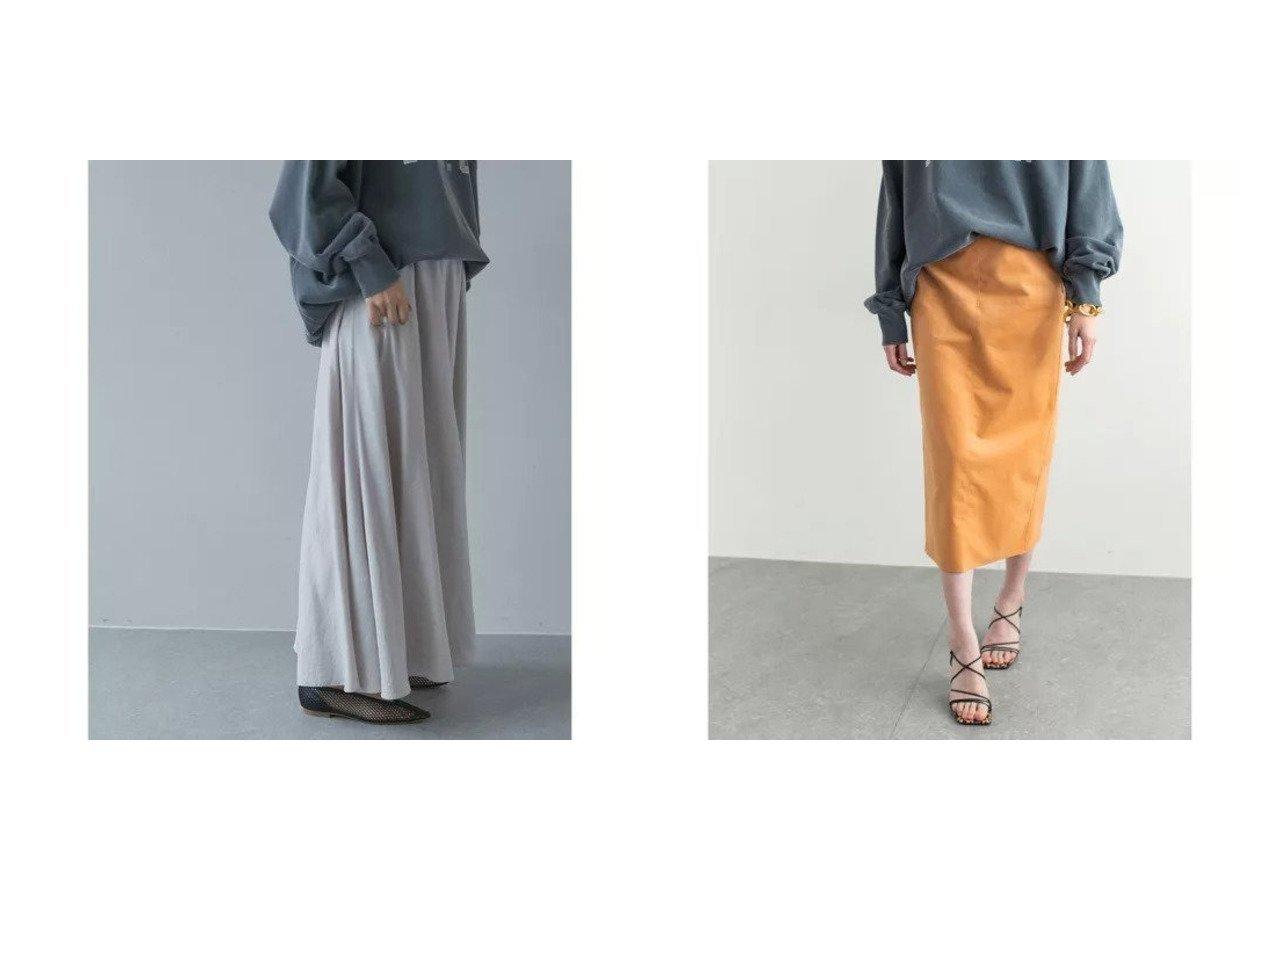 【GALLARDAGALANTE/ガリャルダガランテ】のワッシャーフレアスカート&スウェードタイトスカート スカートのおすすめ!人気、トレンド・レディースファッションの通販  おすすめで人気の流行・トレンド、ファッションの通販商品 メンズファッション・キッズファッション・インテリア・家具・レディースファッション・服の通販 founy(ファニー) https://founy.com/ ファッション Fashion レディースファッション WOMEN スカート Skirt Aライン/フレアスカート Flared A-Line Skirts イエロー 春 Spring カットソー シューズ シルク ジャケット スウェット スニーカー フラット フレア マキシ マーメイド ロング ワッシャー A/W 秋冬 AW Autumn/Winter / FW Fall-Winter 2021年 2021 S/S 春夏 SS Spring/Summer 2021 春夏 S/S SS Spring/Summer 2021 |ID:crp329100000019217